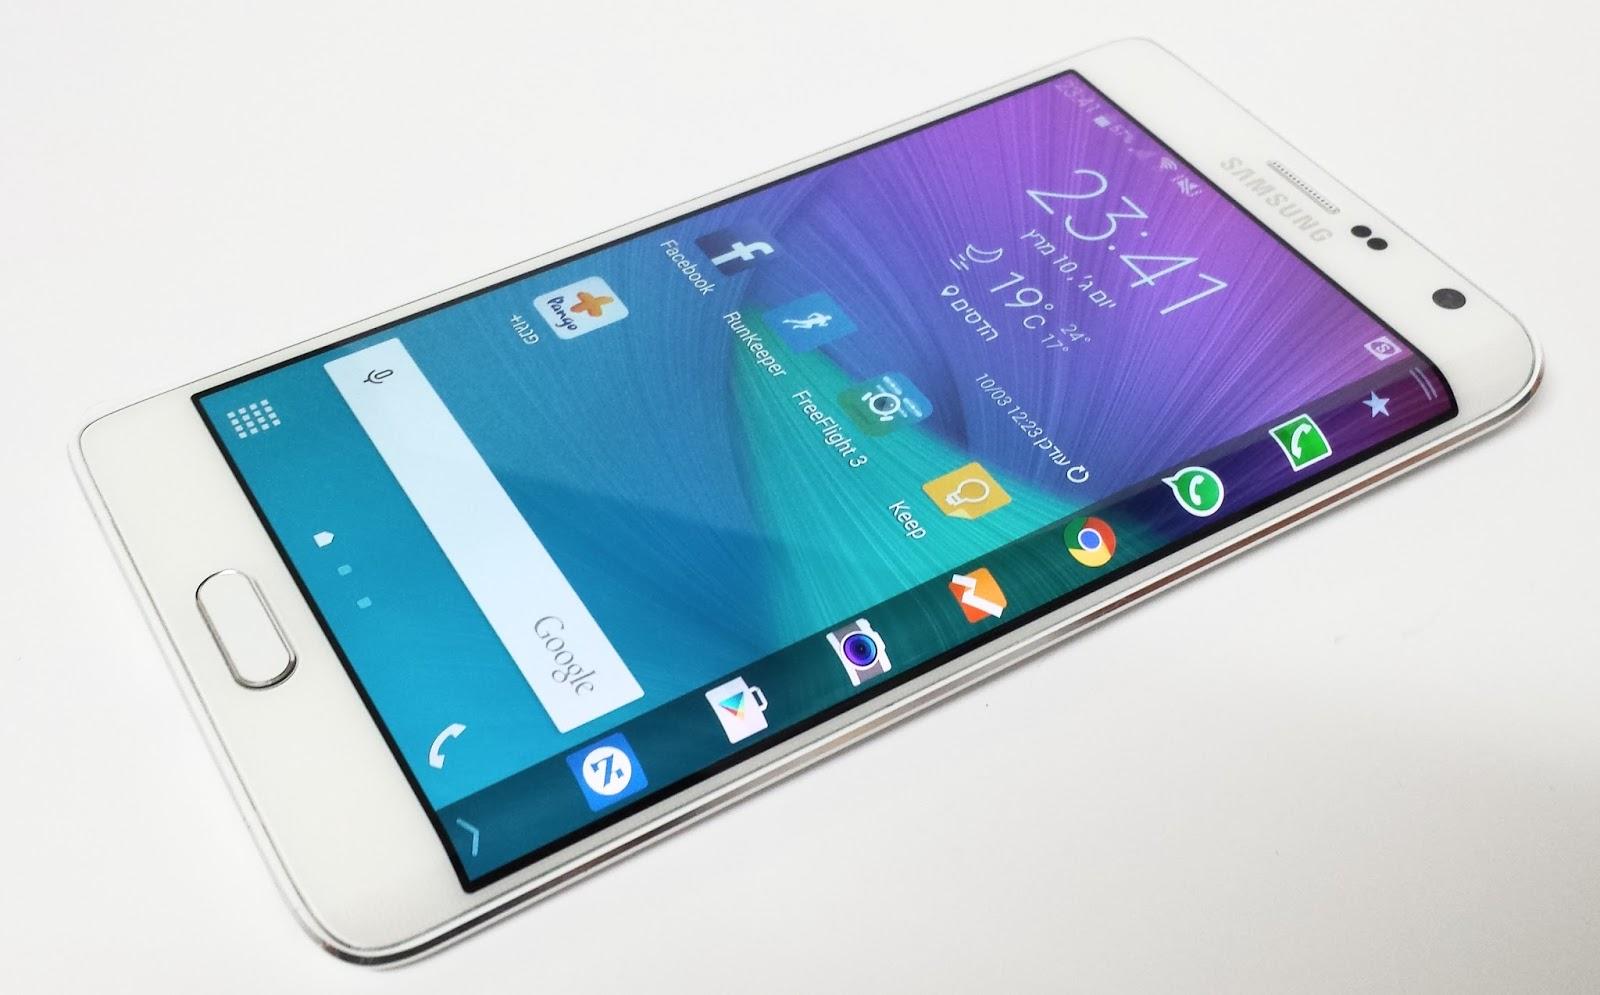 מפוארת חפיצים: כזה ניסיתי: Samsung Galaxy Note Edge JY-95